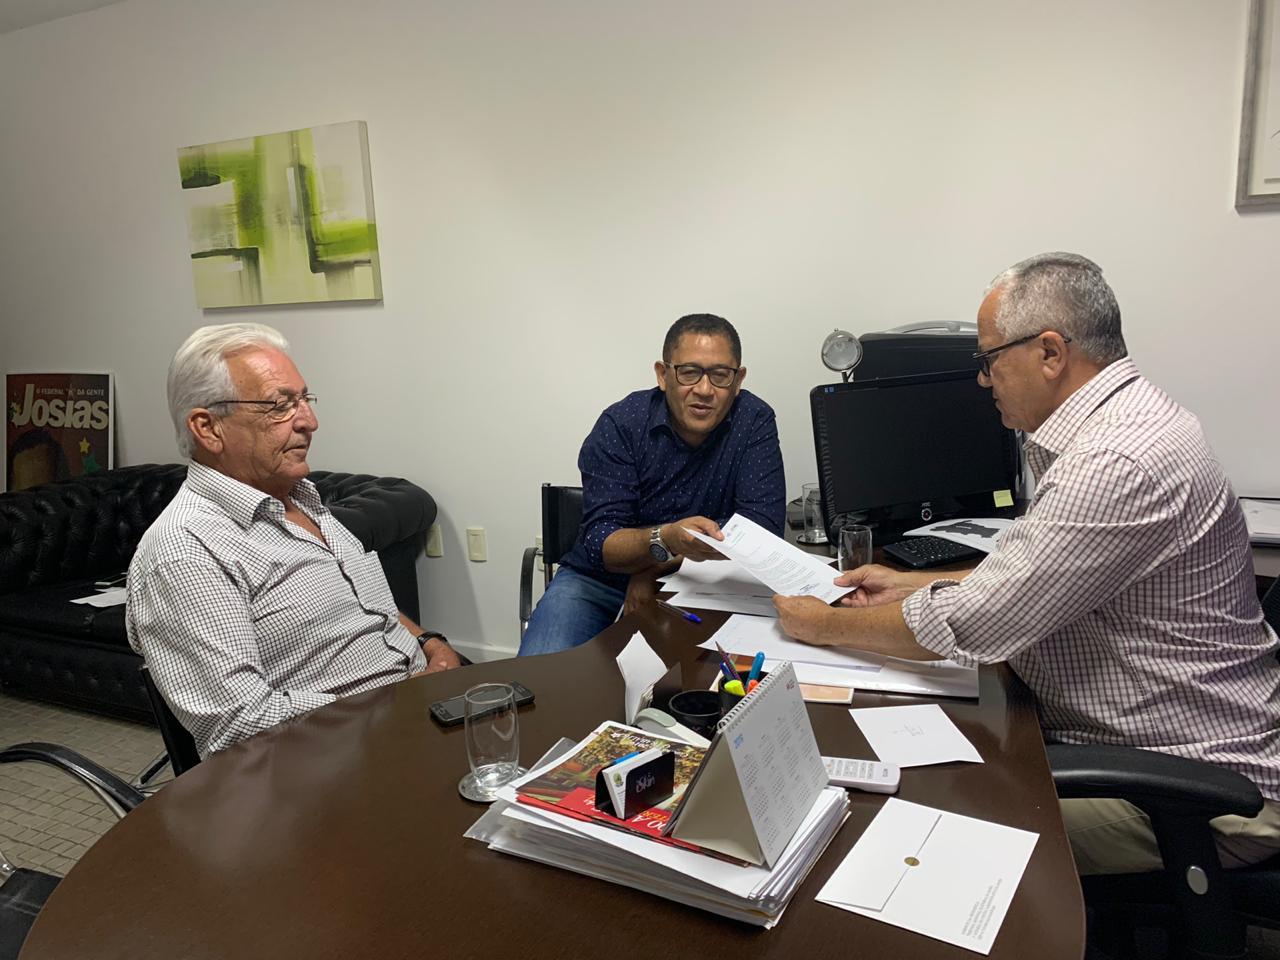 Deputado Josias Gomes E Prefeito De Jiquiriçá Debatem Ações Para Beneficiar O Município